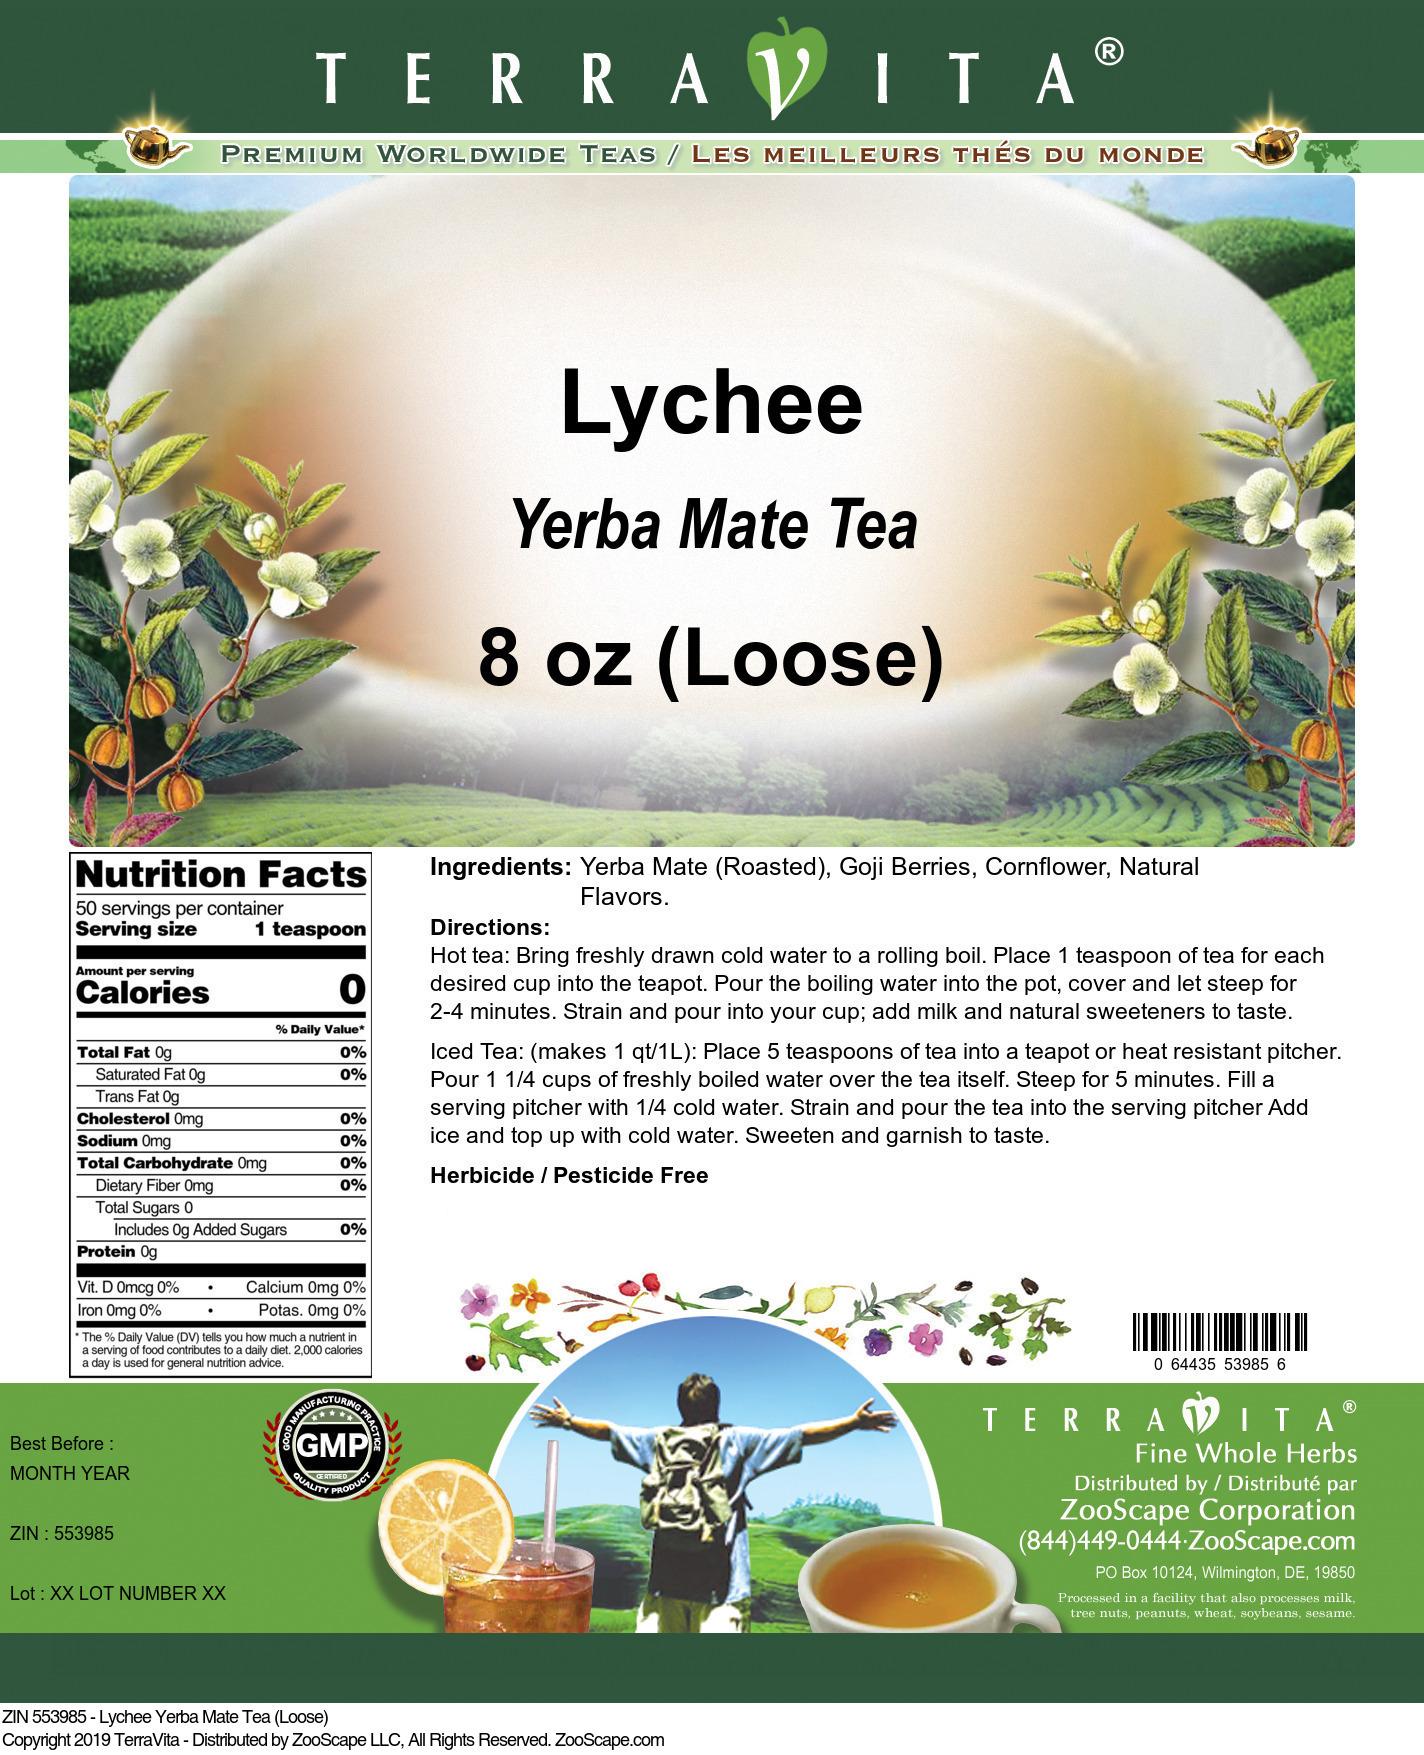 Lychee Yerba Mate